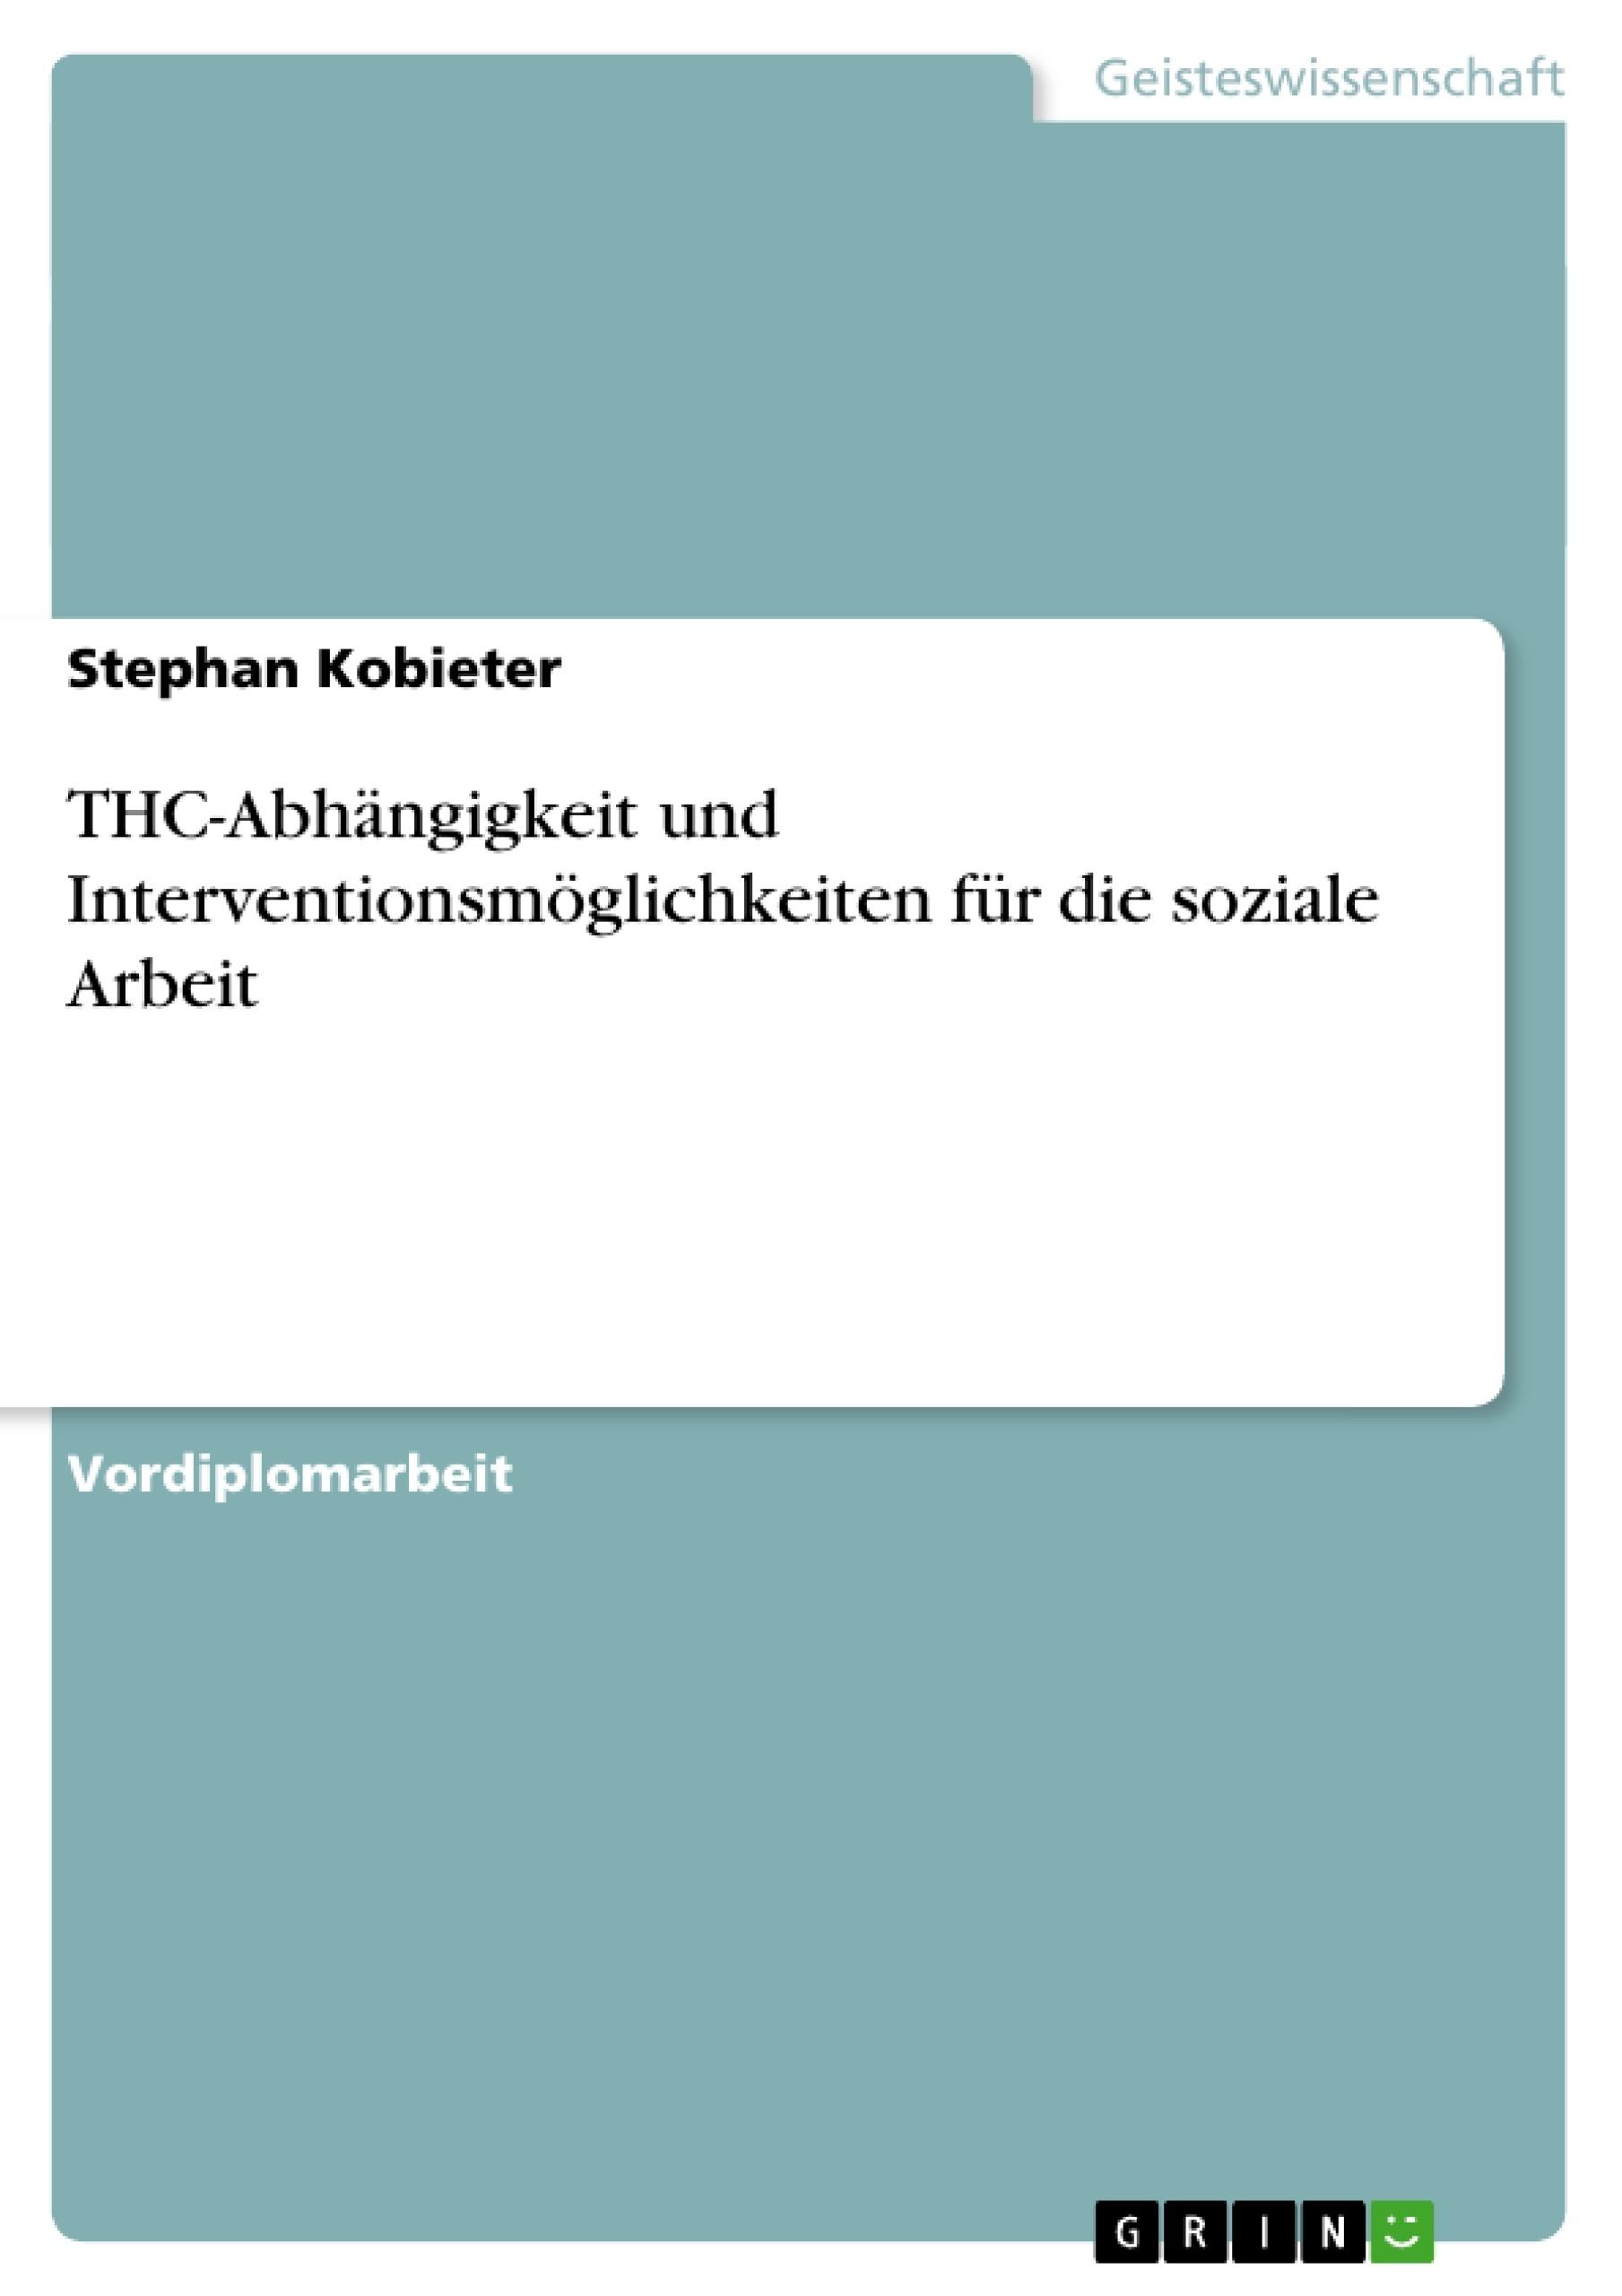 Titel: THC-Abhängigkeit und Interventionsmöglichkeiten für die soziale Arbeit